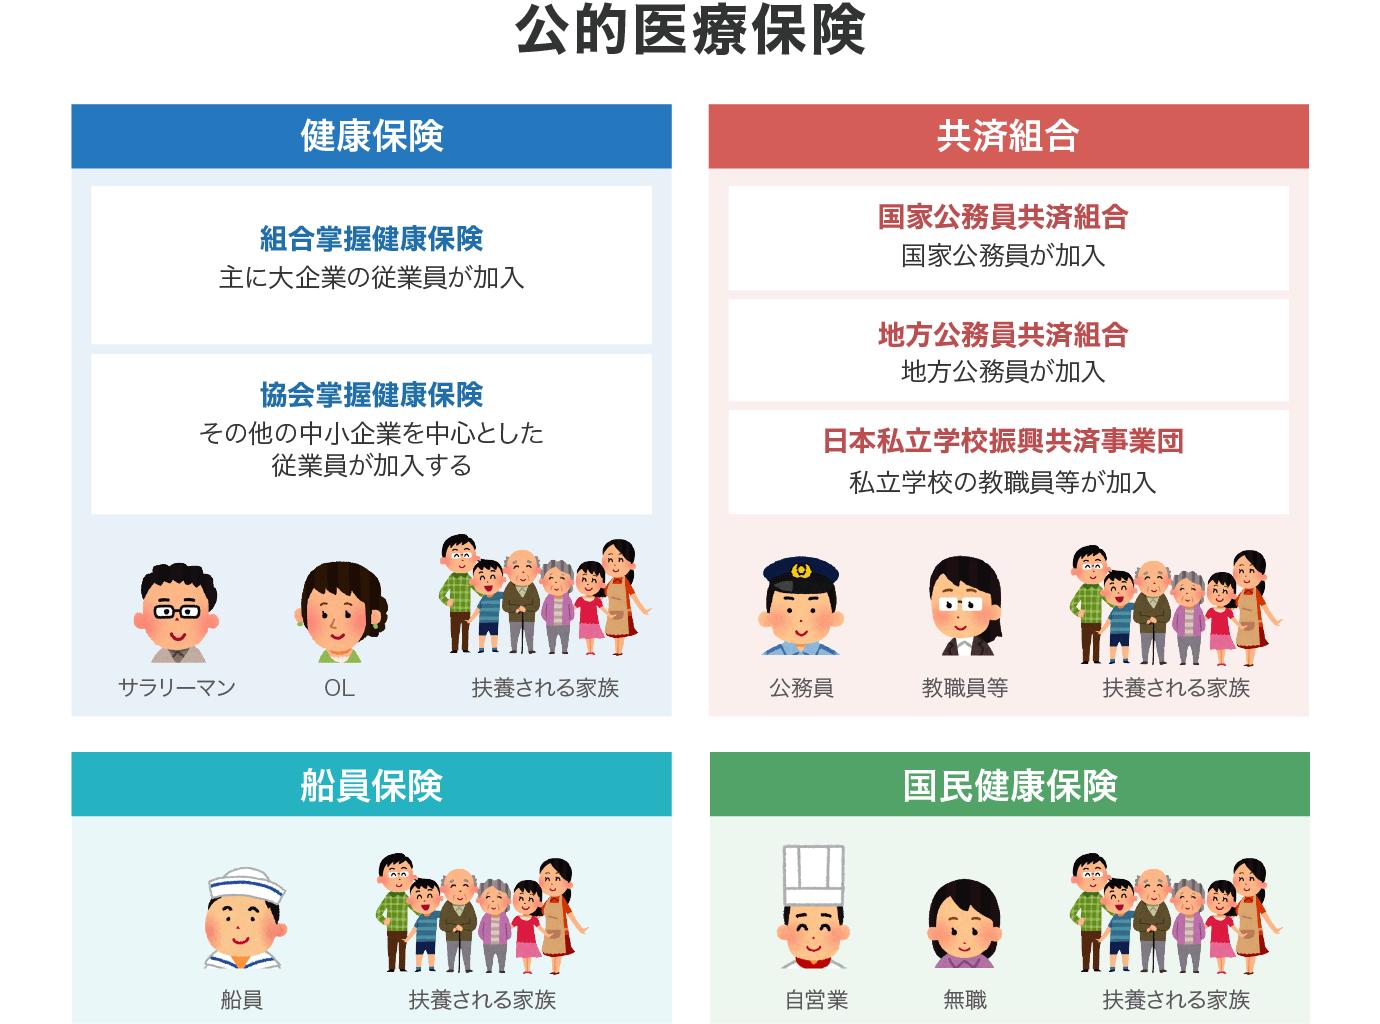 公的医療保険の種類